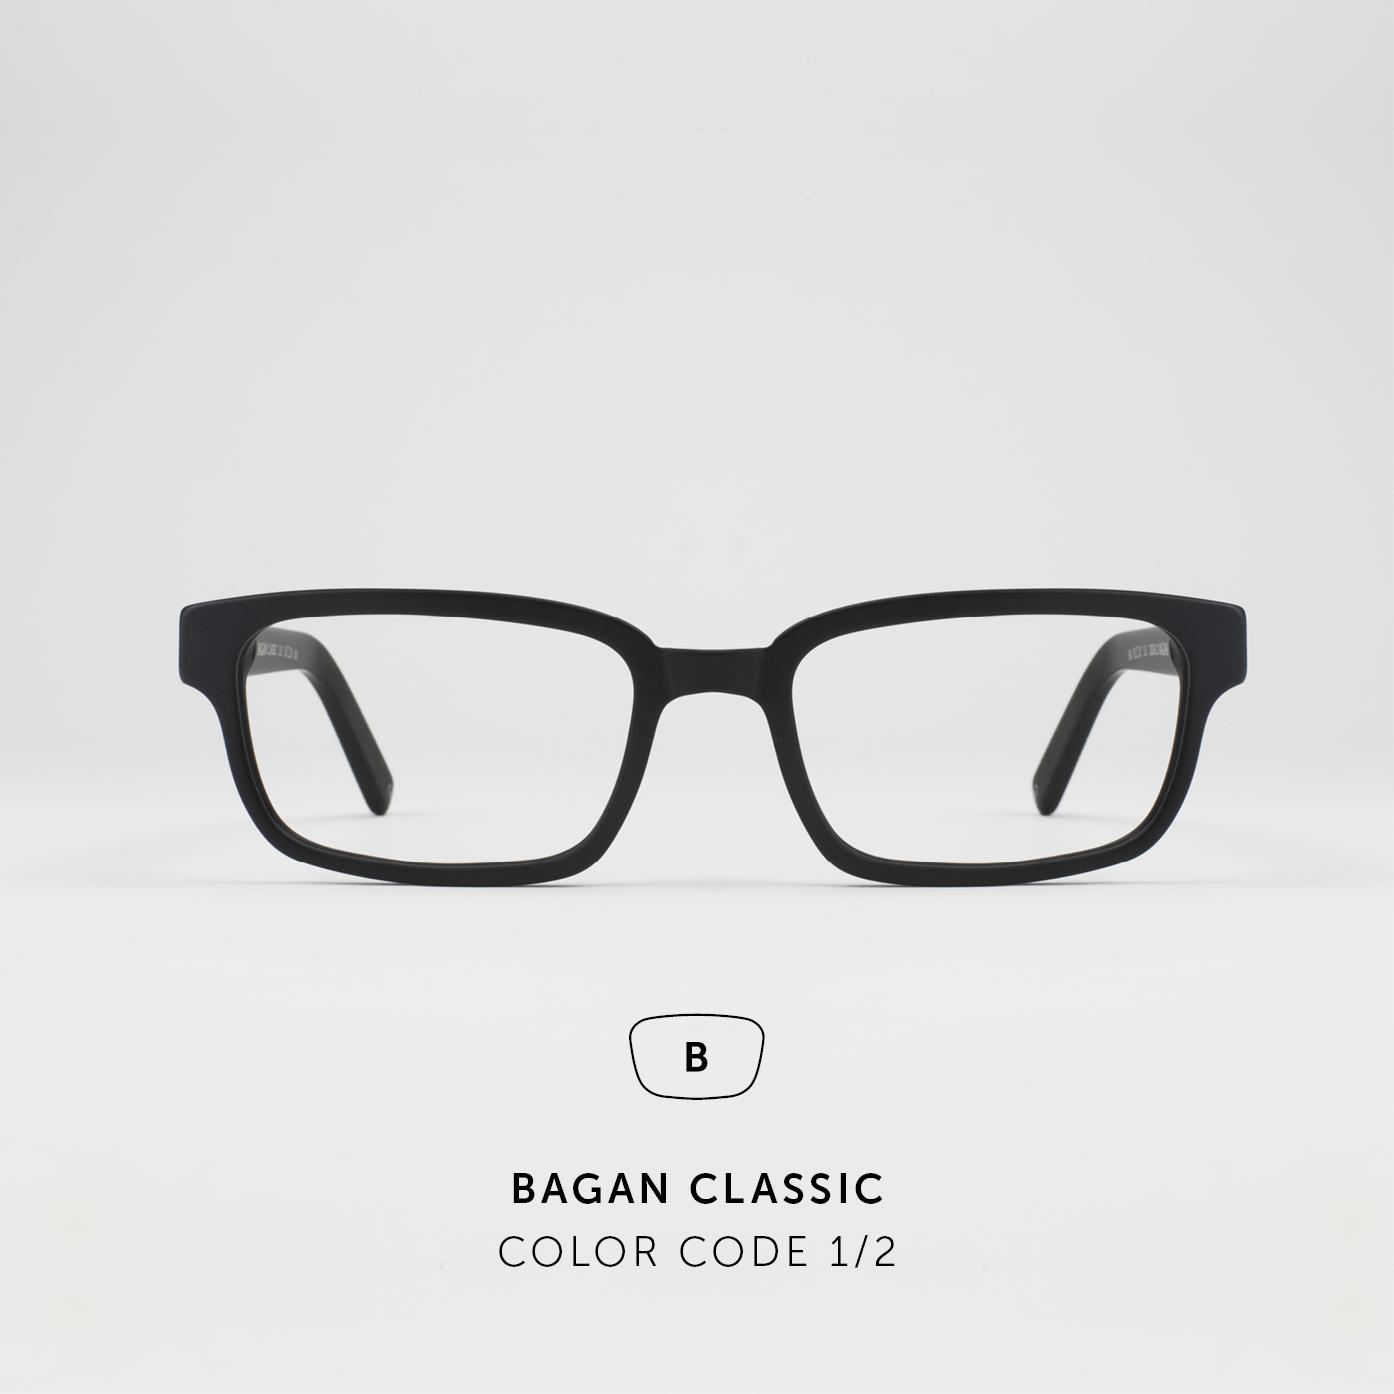 BaganClassic.jpg